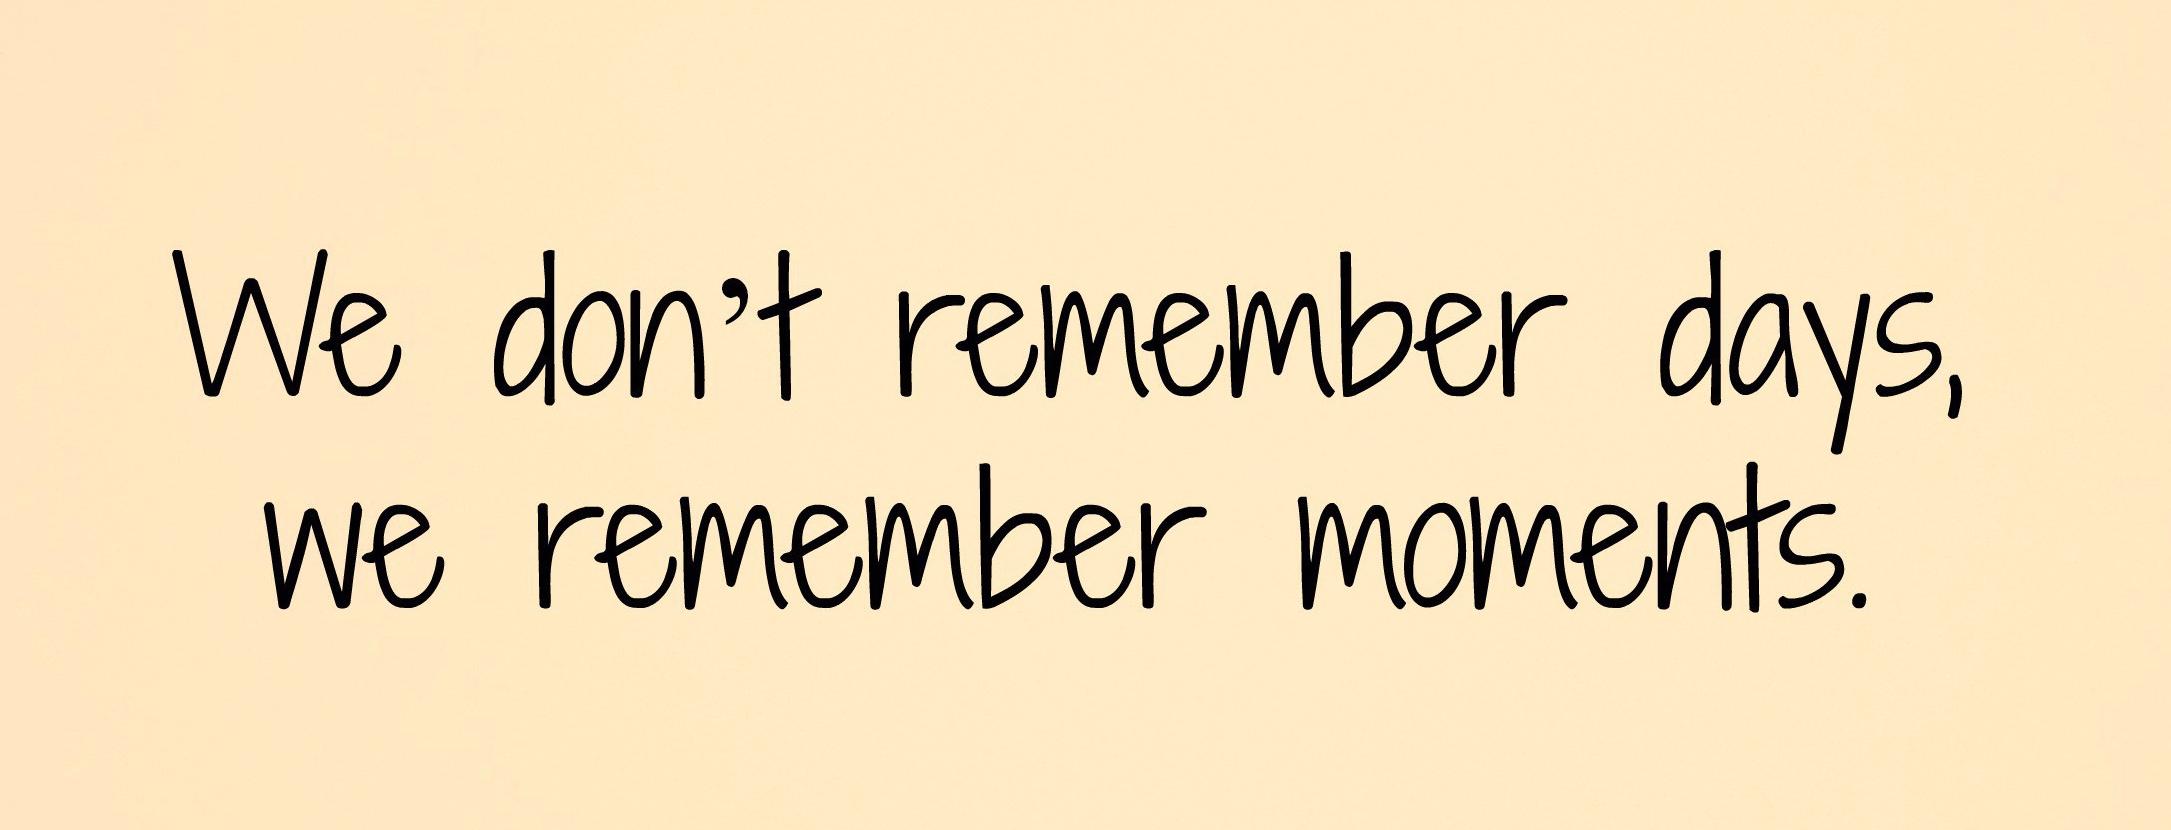 memoriesquote.jpg